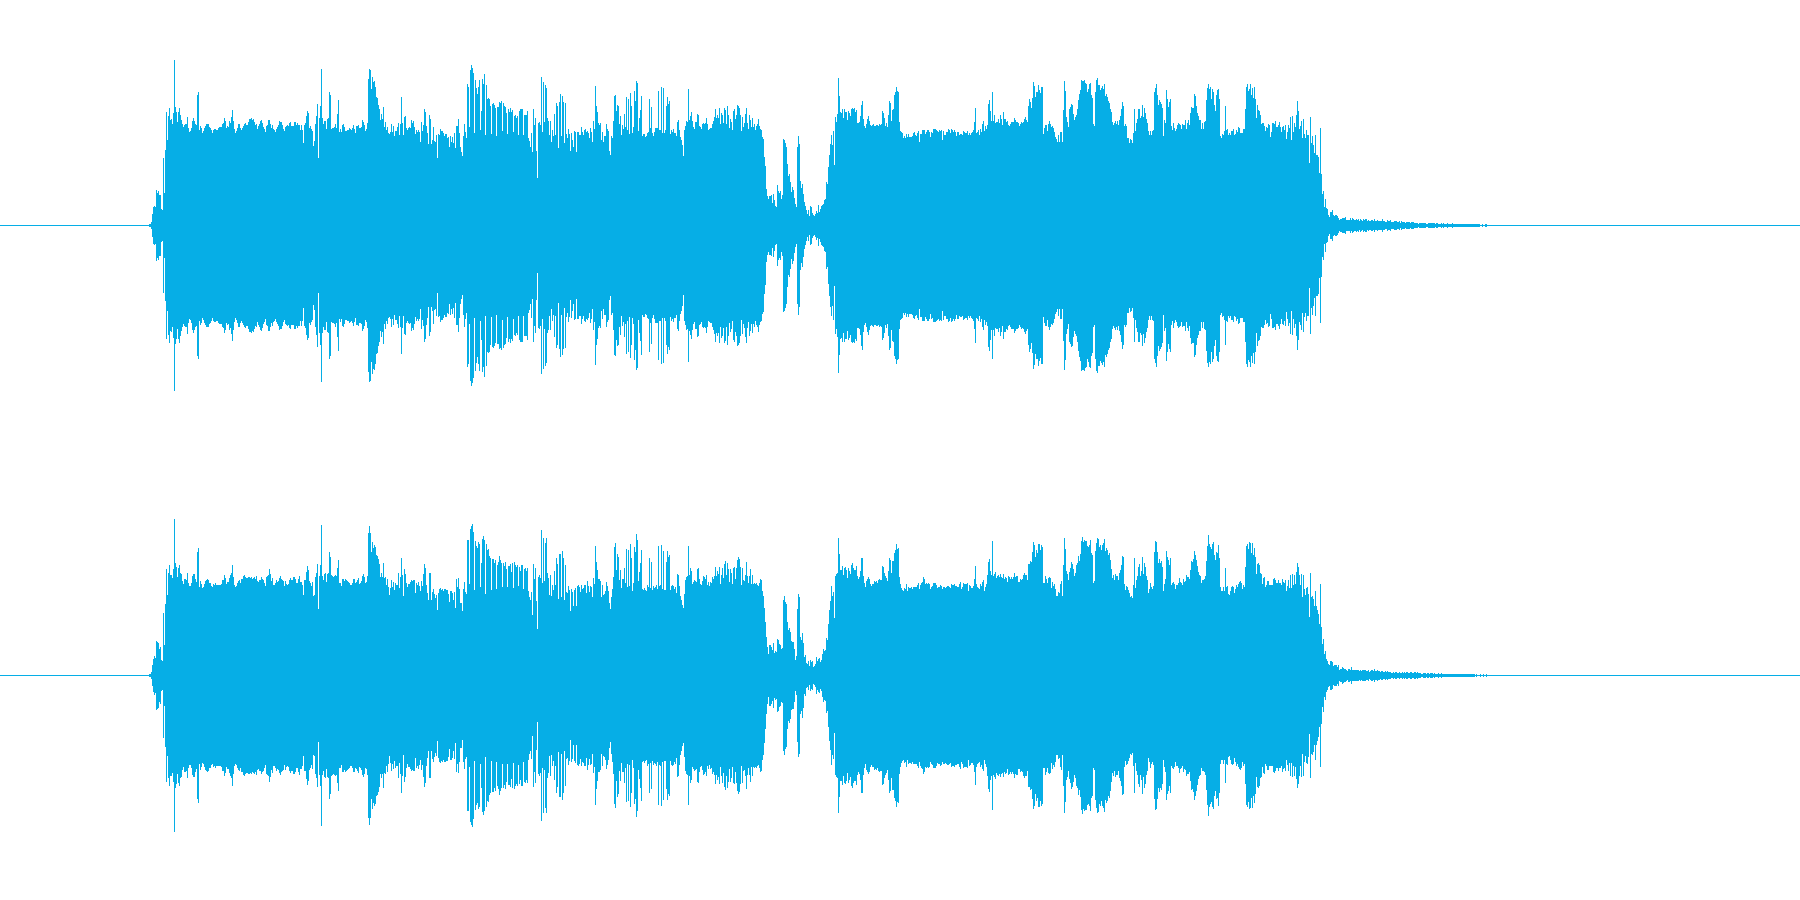 プウワー(シンセサイザーによる出現の音)の再生済みの波形